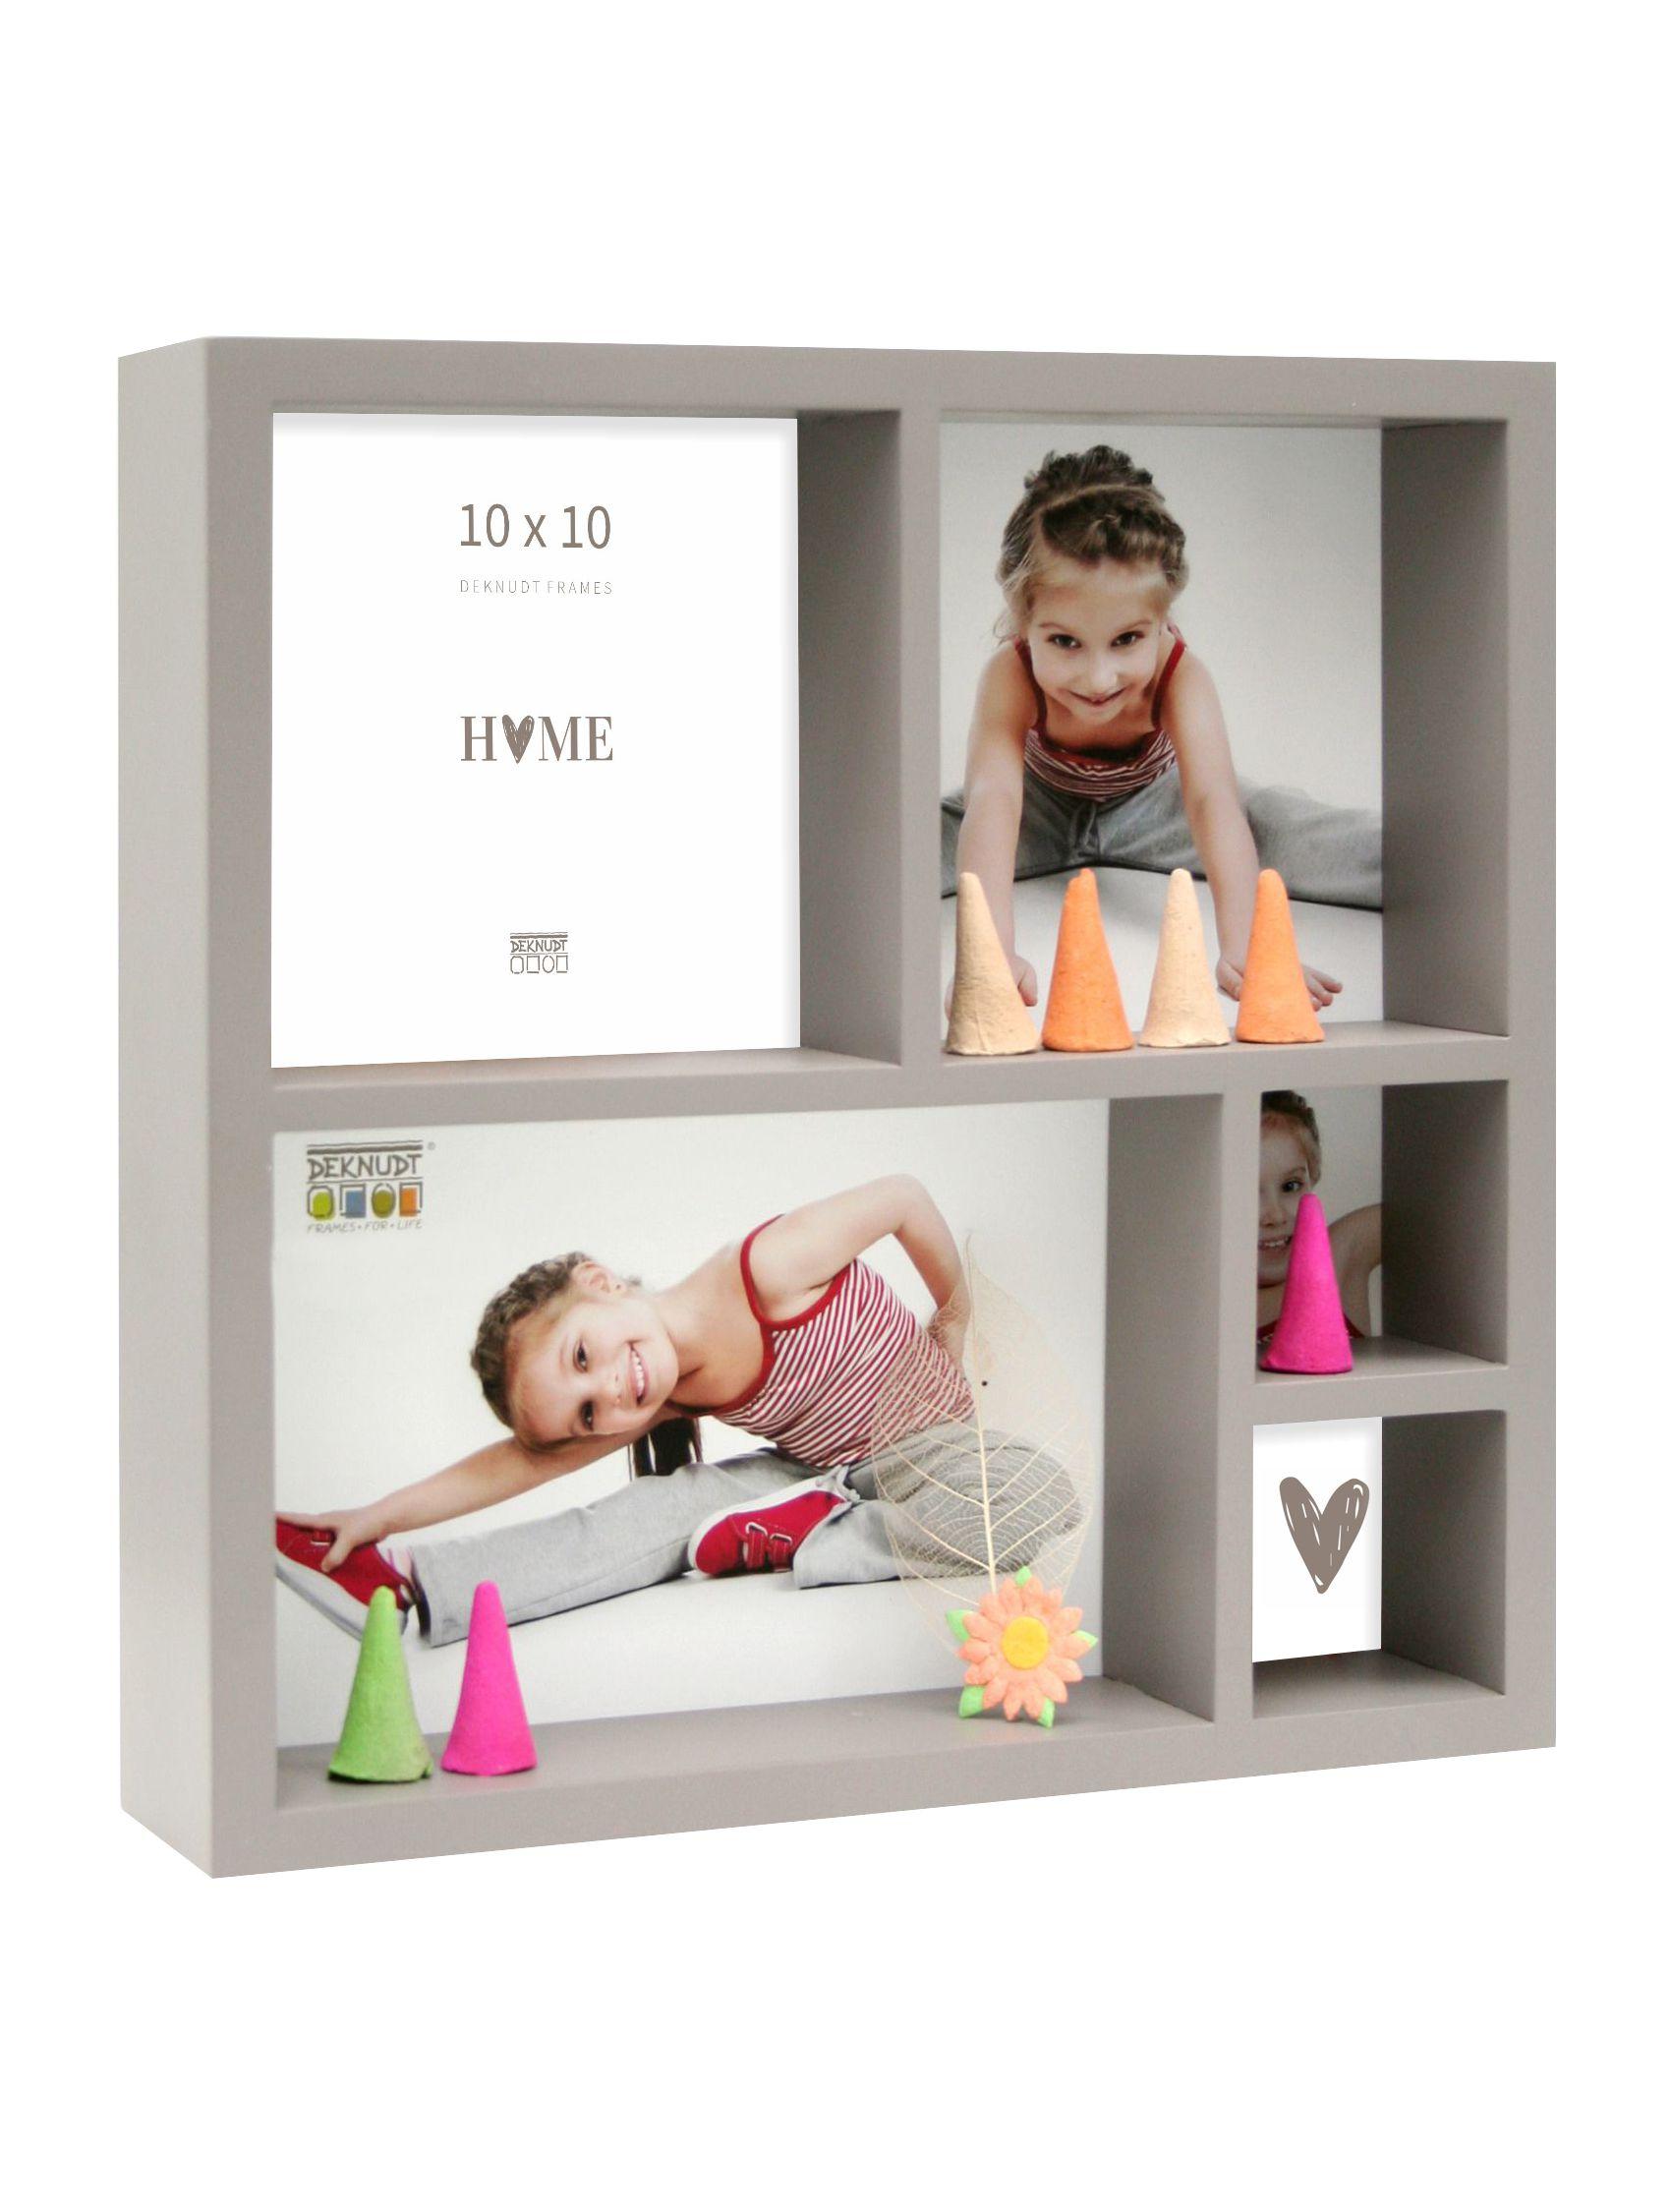 Foto-verzamelbox taupe voor 5 foto's (20x20cm) S66XL9 E5